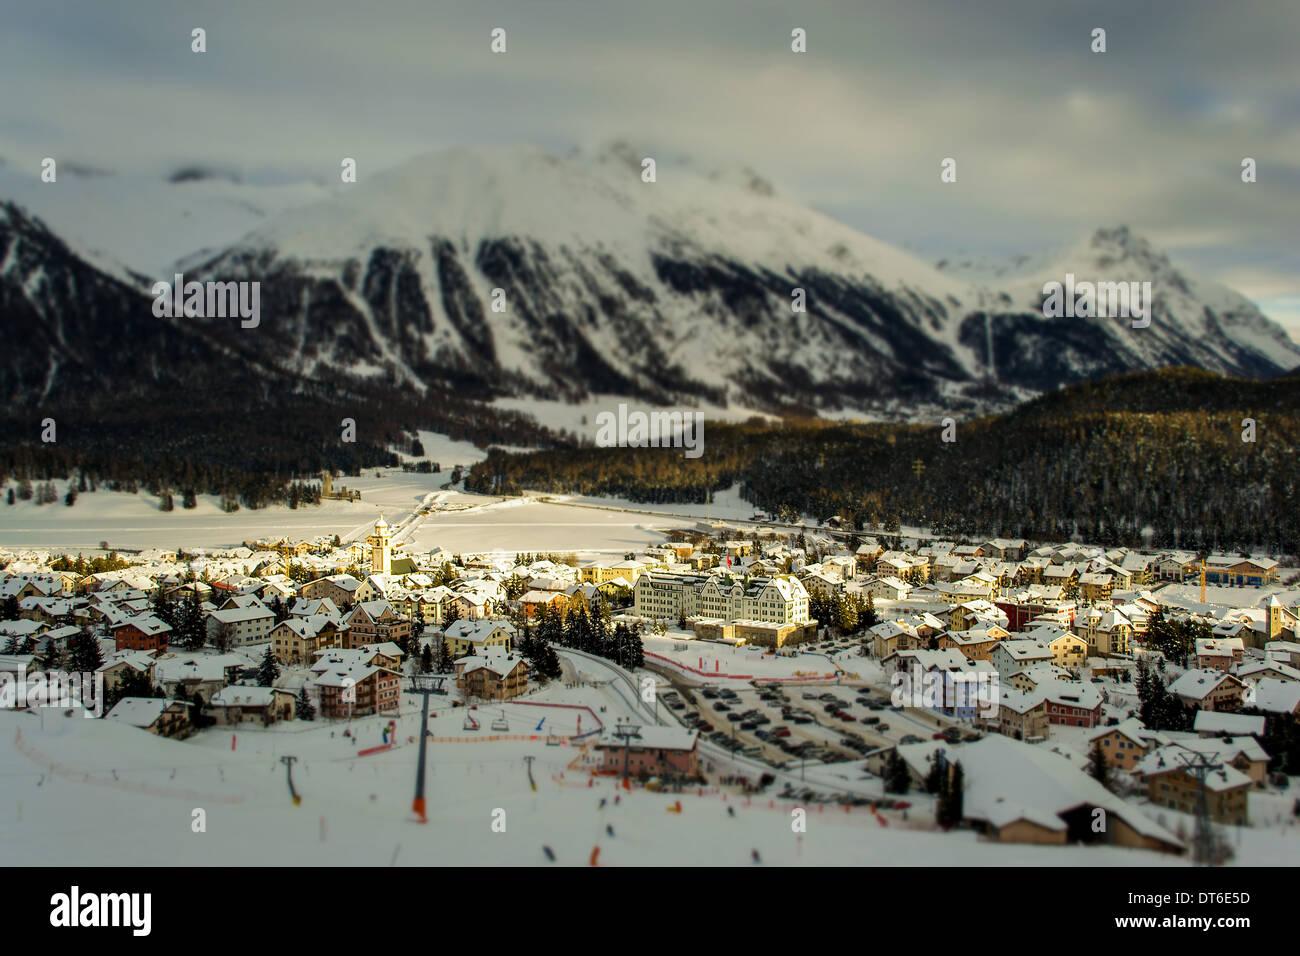 Village center of Celerina (Switzerland), tilt-shift effect - Stock Image